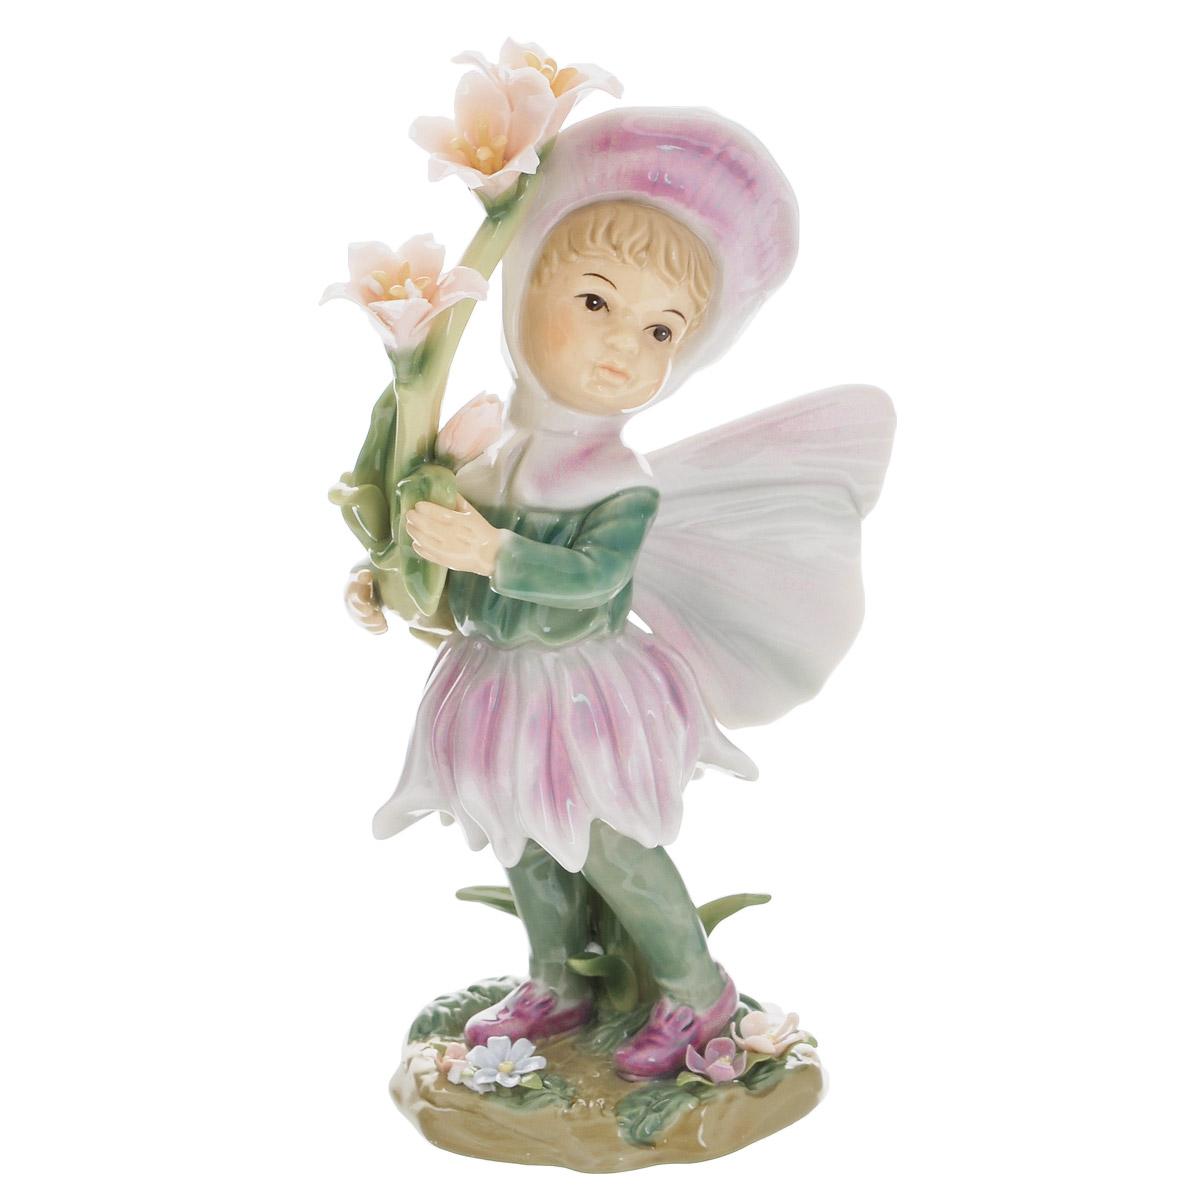 Статуэтка Navel Девочка-фея в розовом, высота 21 смN-PB0177/B-ALОчаровательная статуэтка Девочка-фея в розовом станет оригинальным подарком для всех любителей стильных вещей. Она выполнена из фарфора, покрытого глазурью, в нежных зеленых и сиреневых тонах, в виде девочки-феи с цветами. Изысканный сувенир станет прекрасным дополнением к интерьеру. Вы можете поставить статуэтку в любом месте, где она будет удачно смотреться, и радовать глаз.